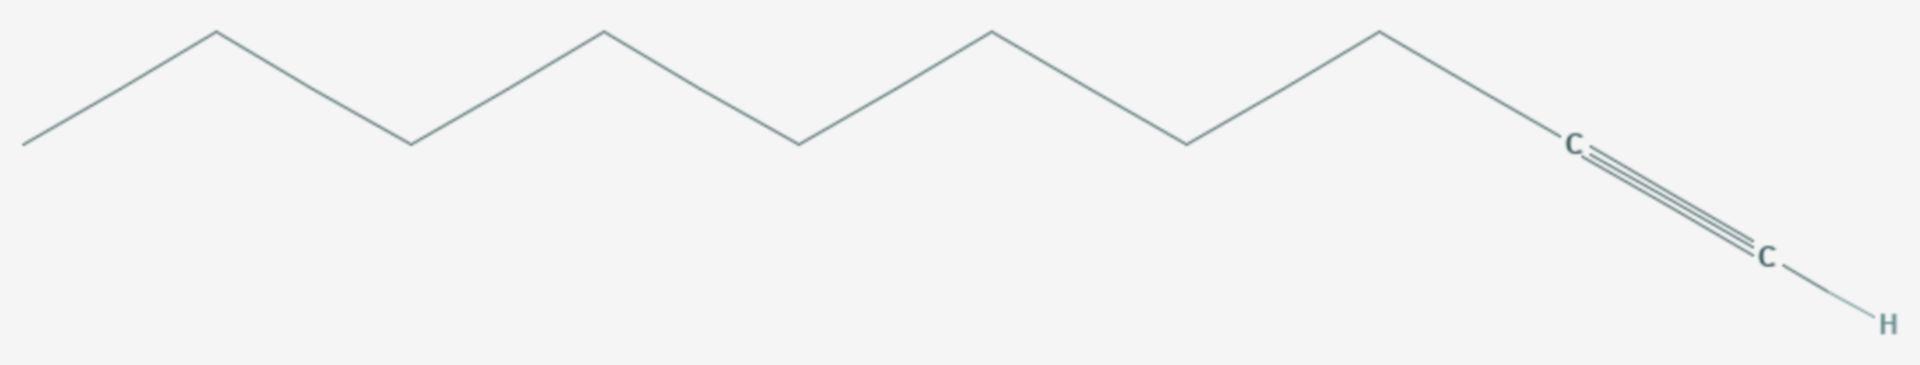 1-Decin (Strukturformel)